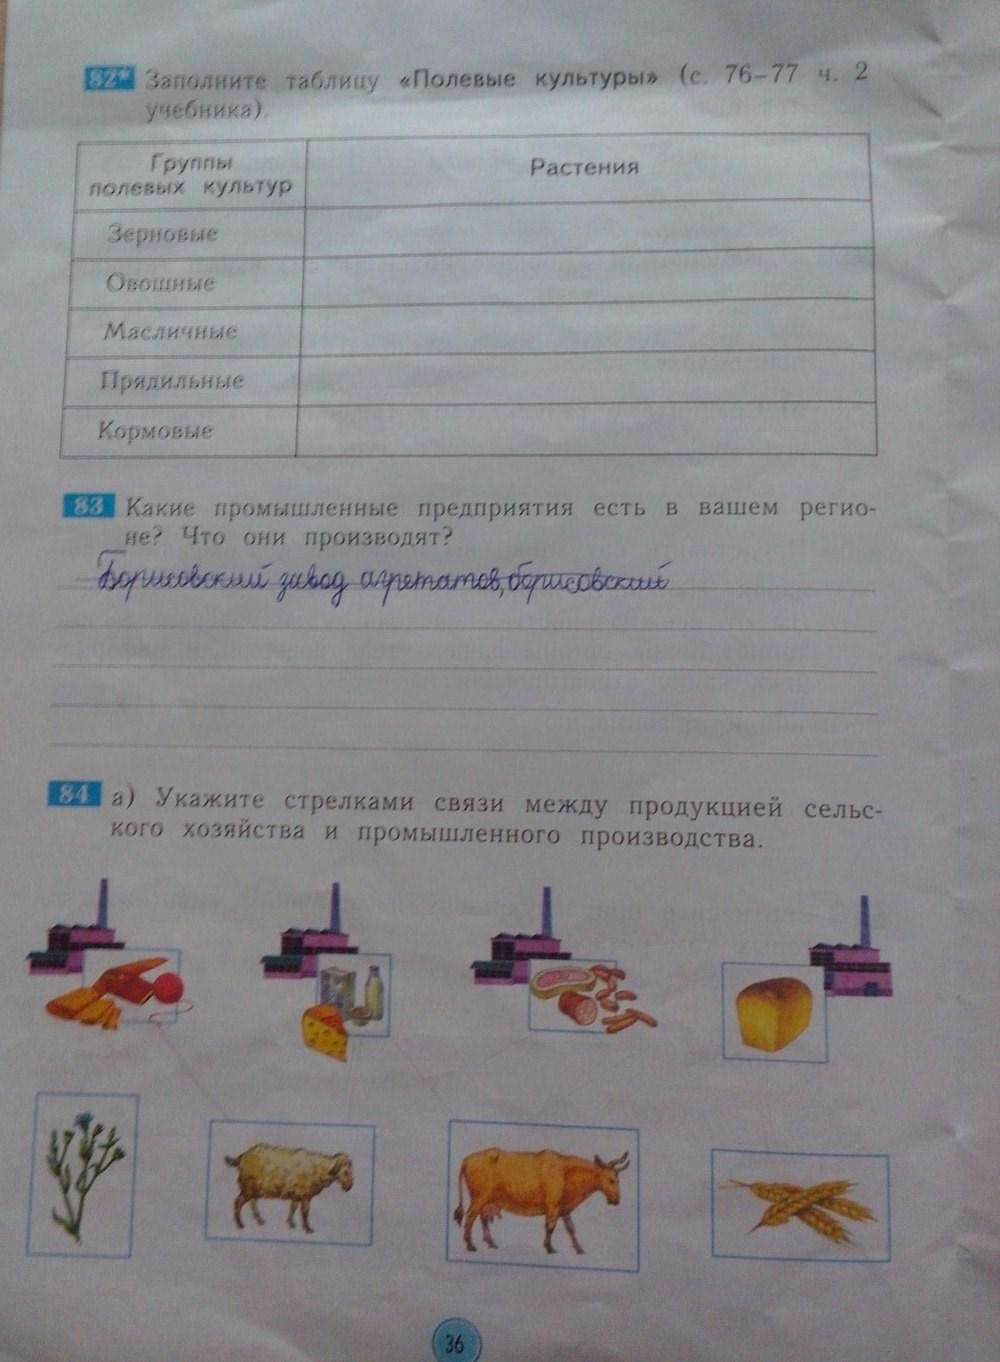 гдз казаков мир класс ответы дмитриева рабочая окружающий тетрадь ответы 4